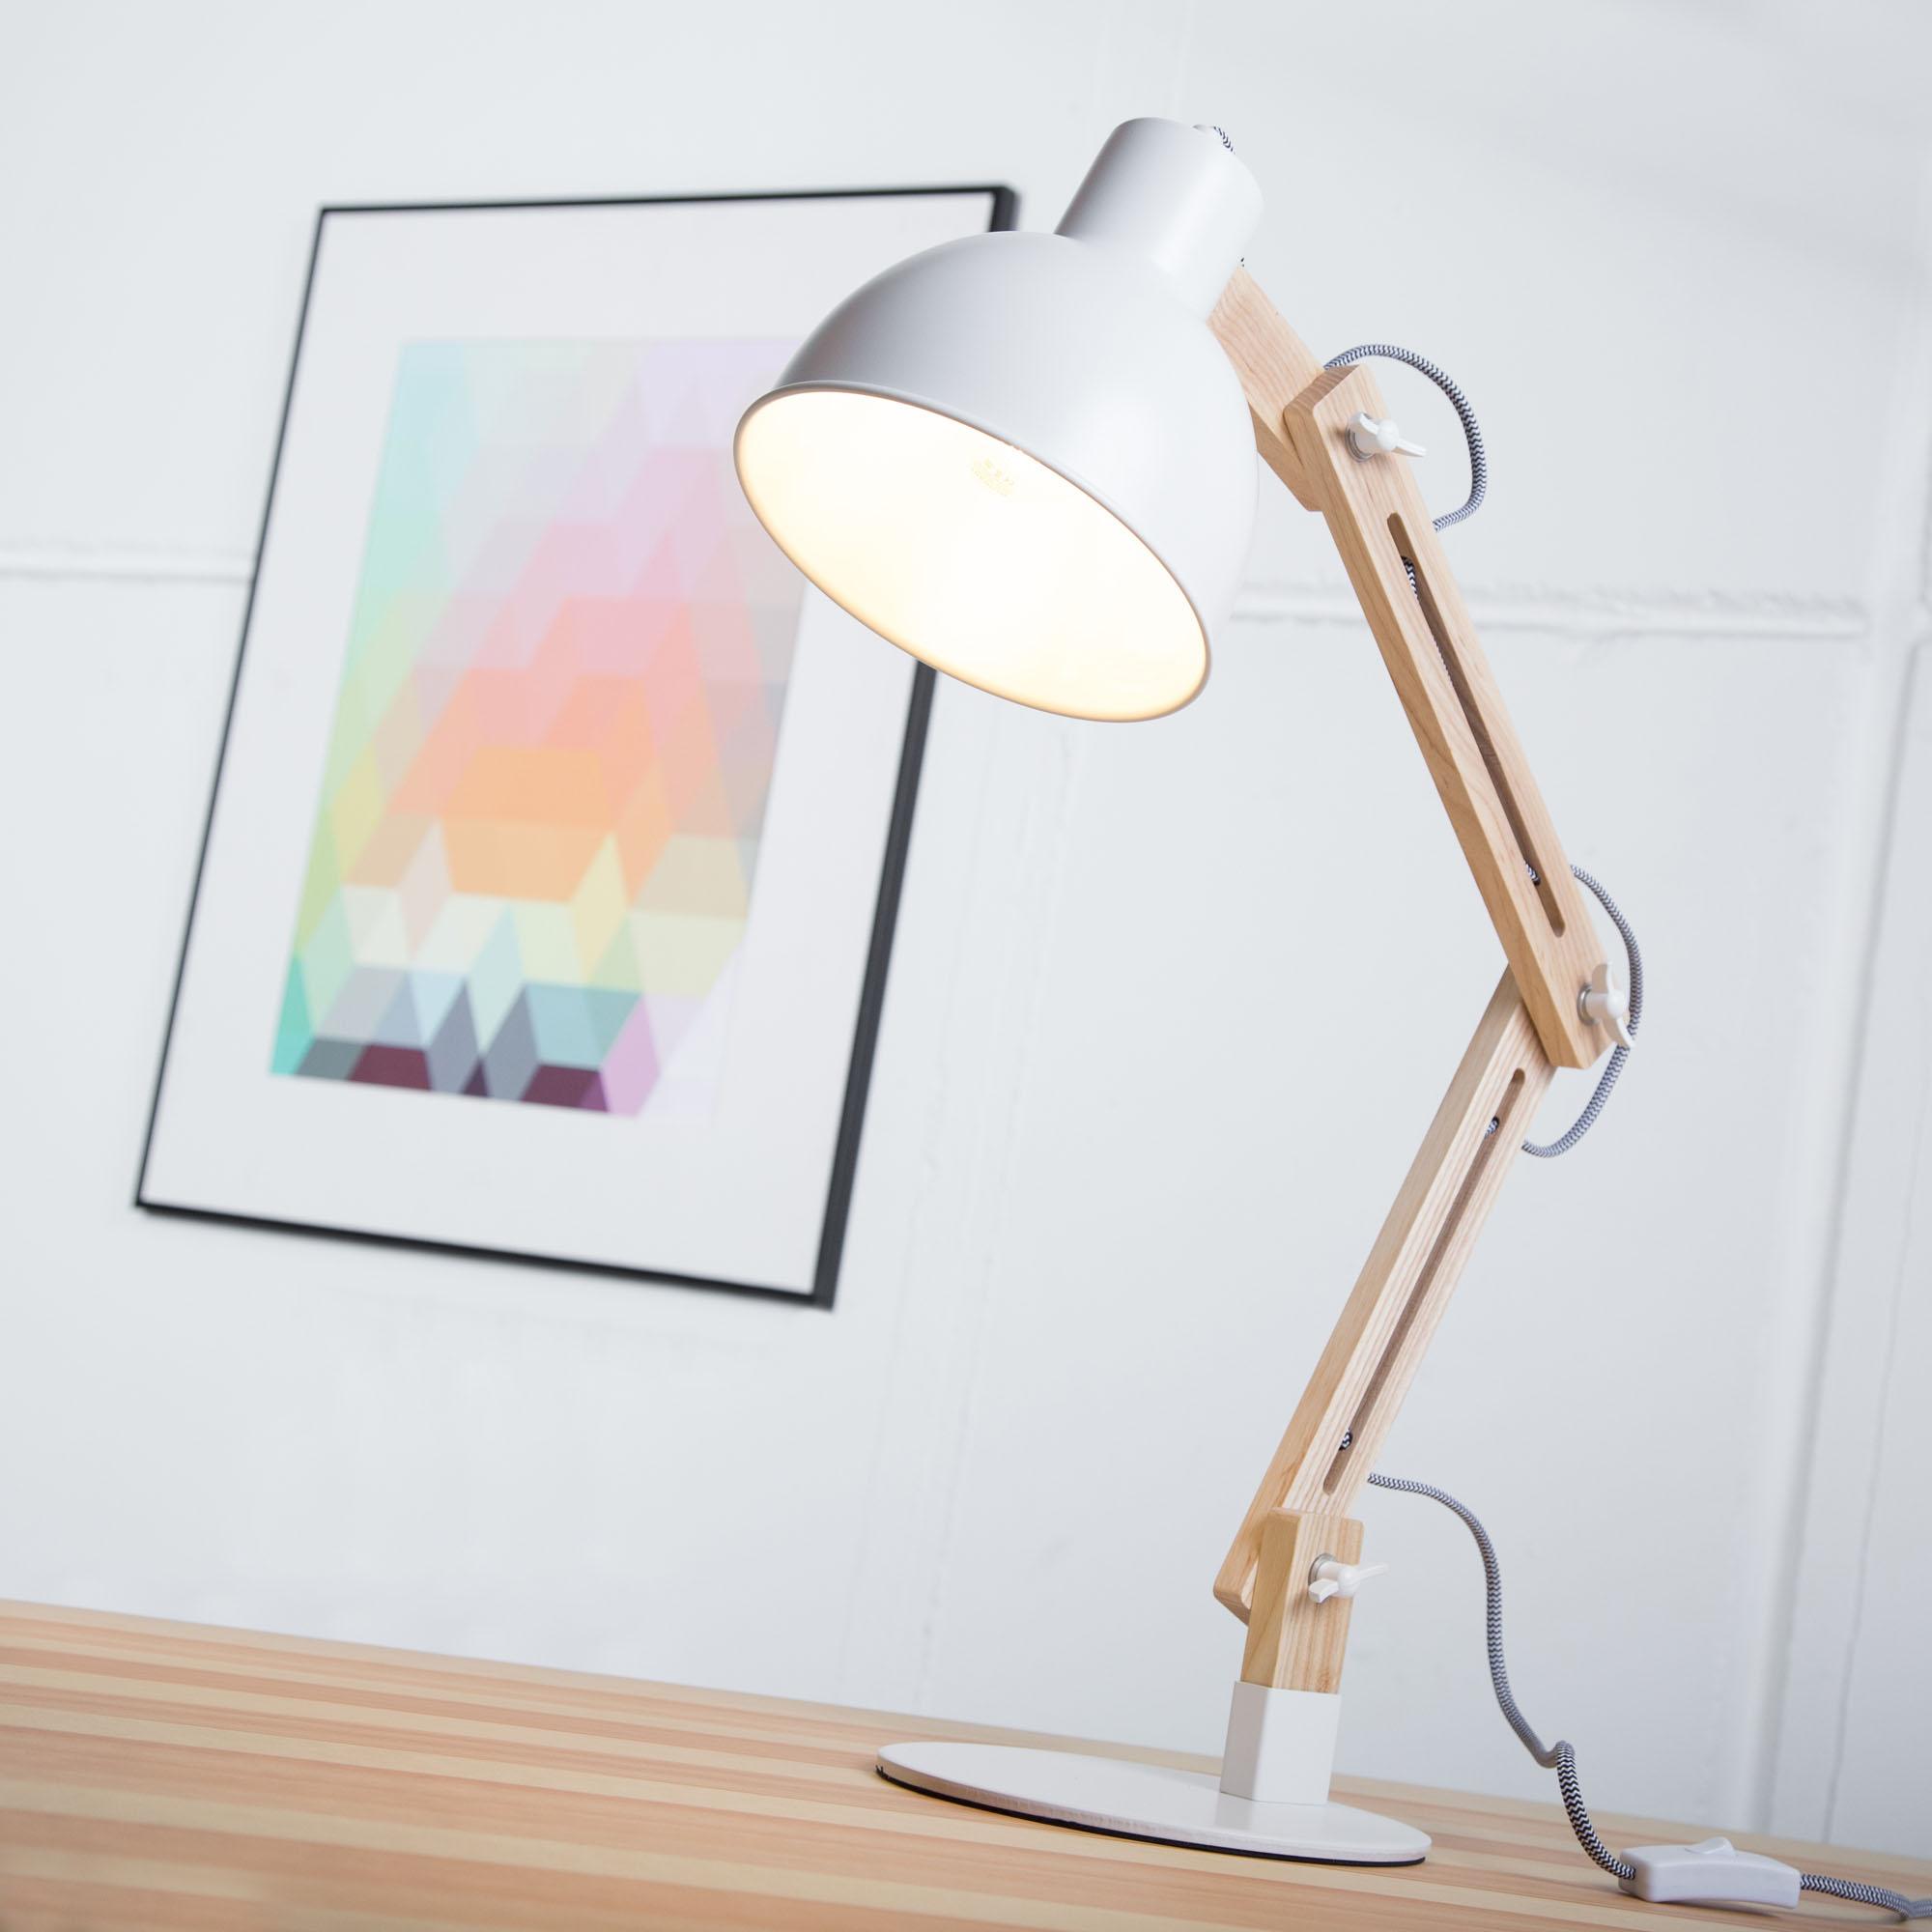 Moderne Tischleuchte Im Nordic Design Mit Textilkabel Und Gestell Aus Holz,  1x E14 Max. 40W, Metall / Holz, Holz Hell / Weiß | Lightbox Leuchten  Onlineshop